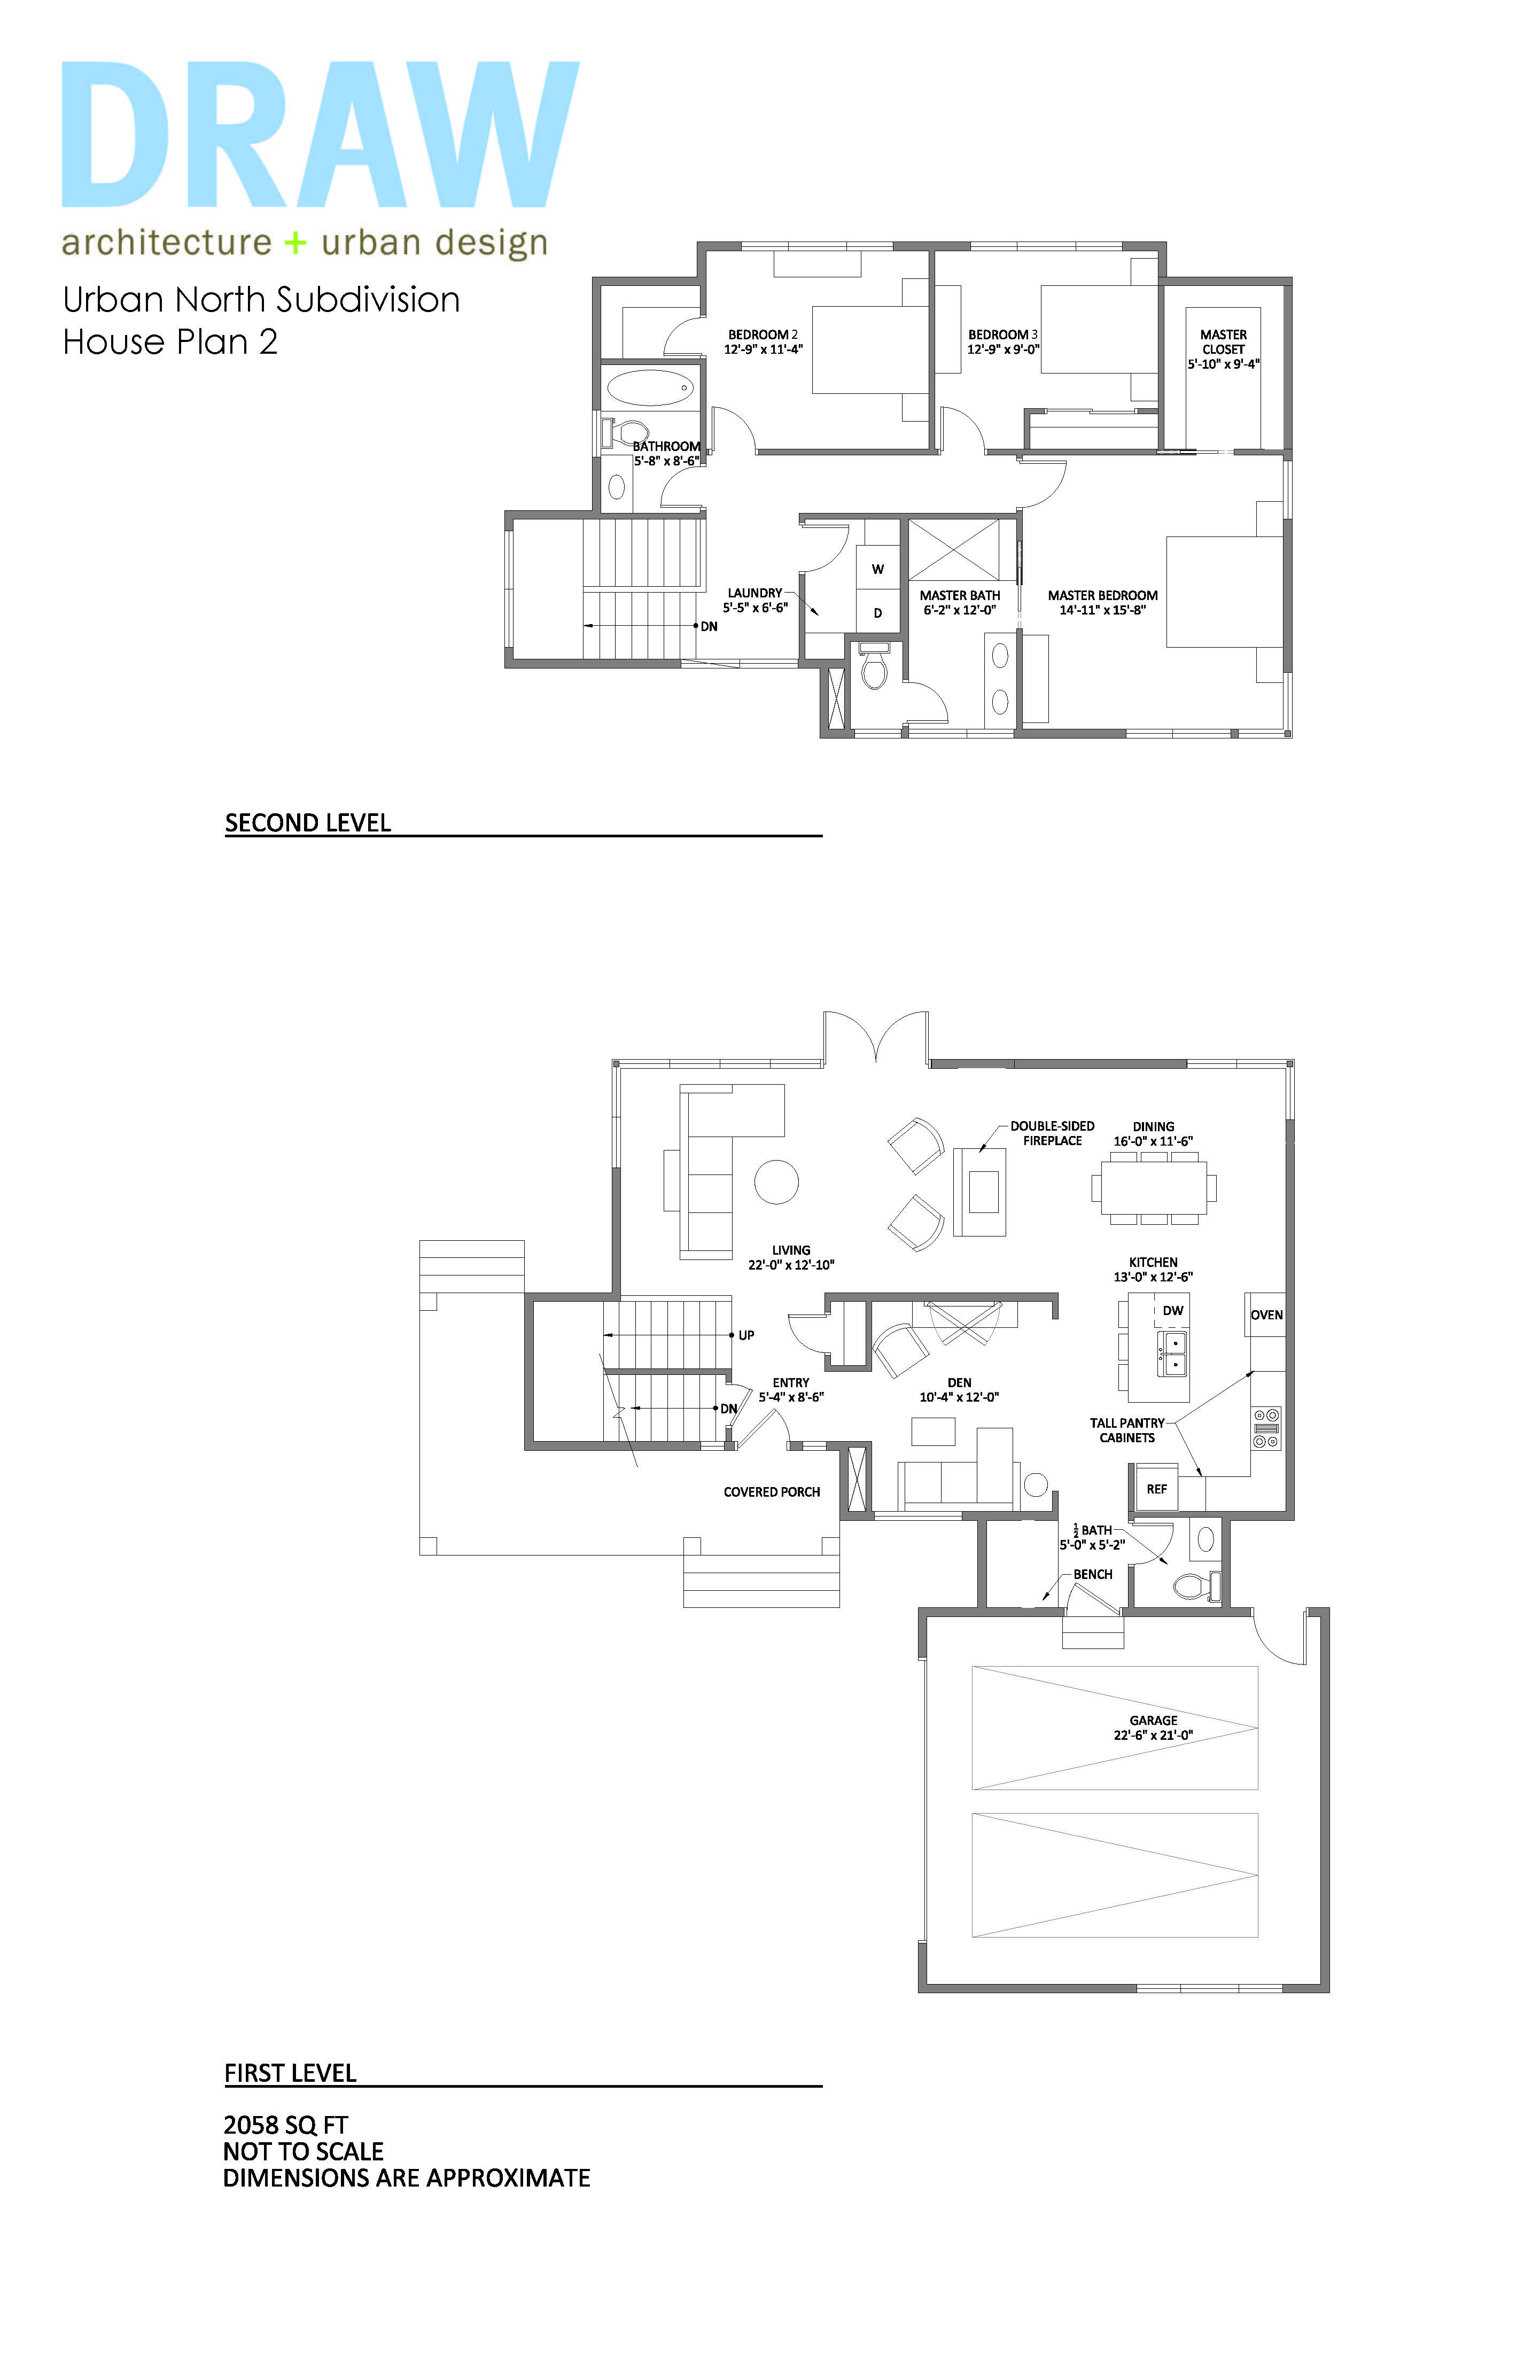 Un plan 2 printable for Printable house plans